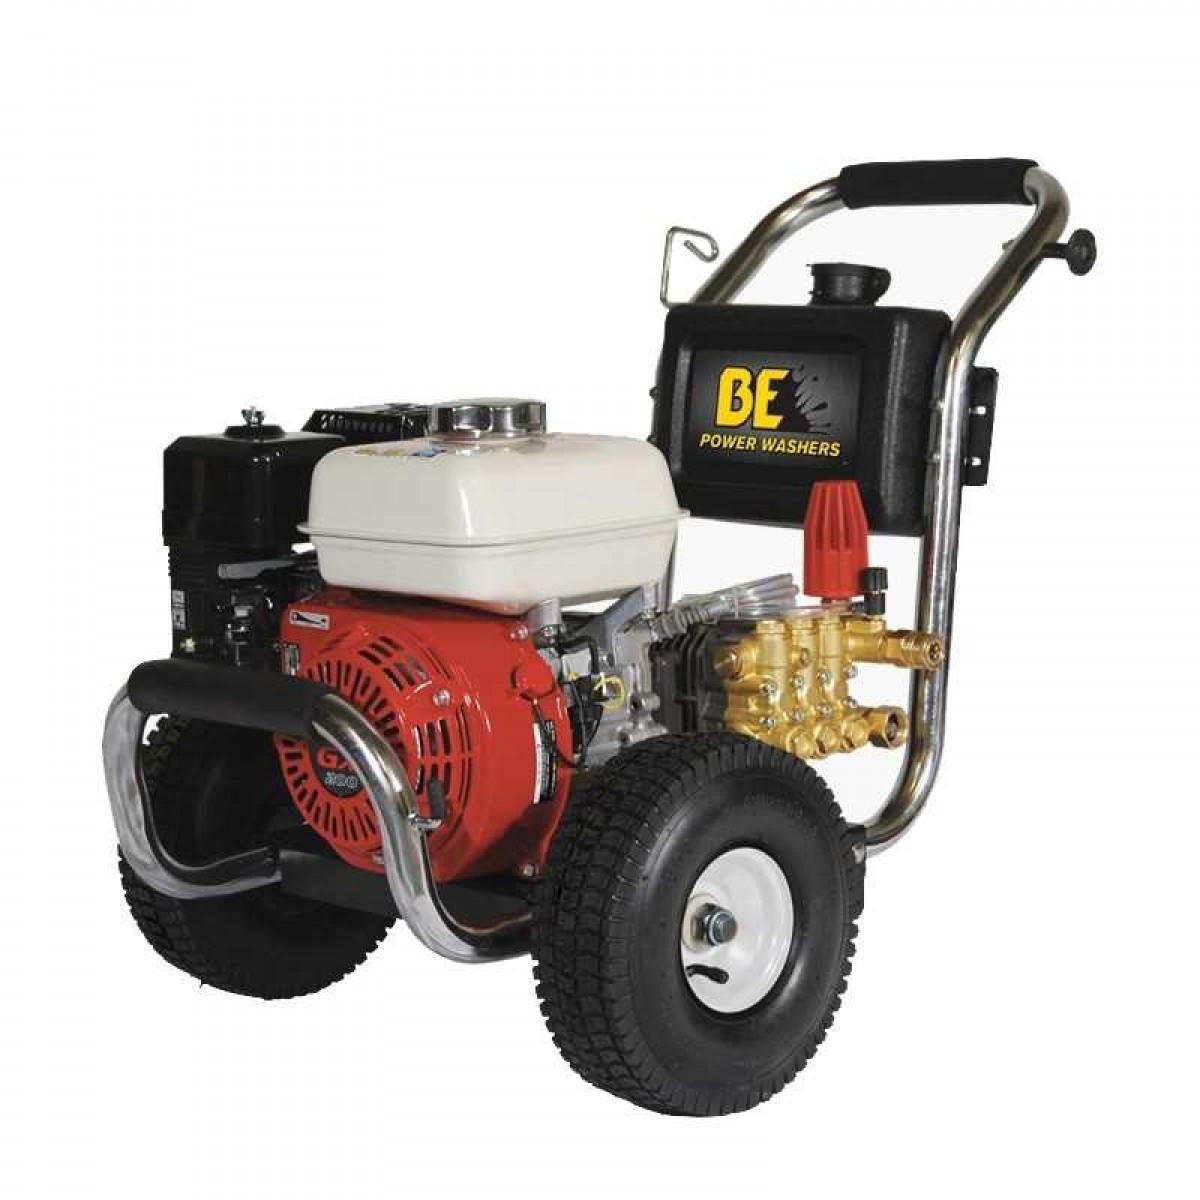 Be Pressure Pe 2565hwscat 2500psi 3gpm 200cc Gas Presure Washer